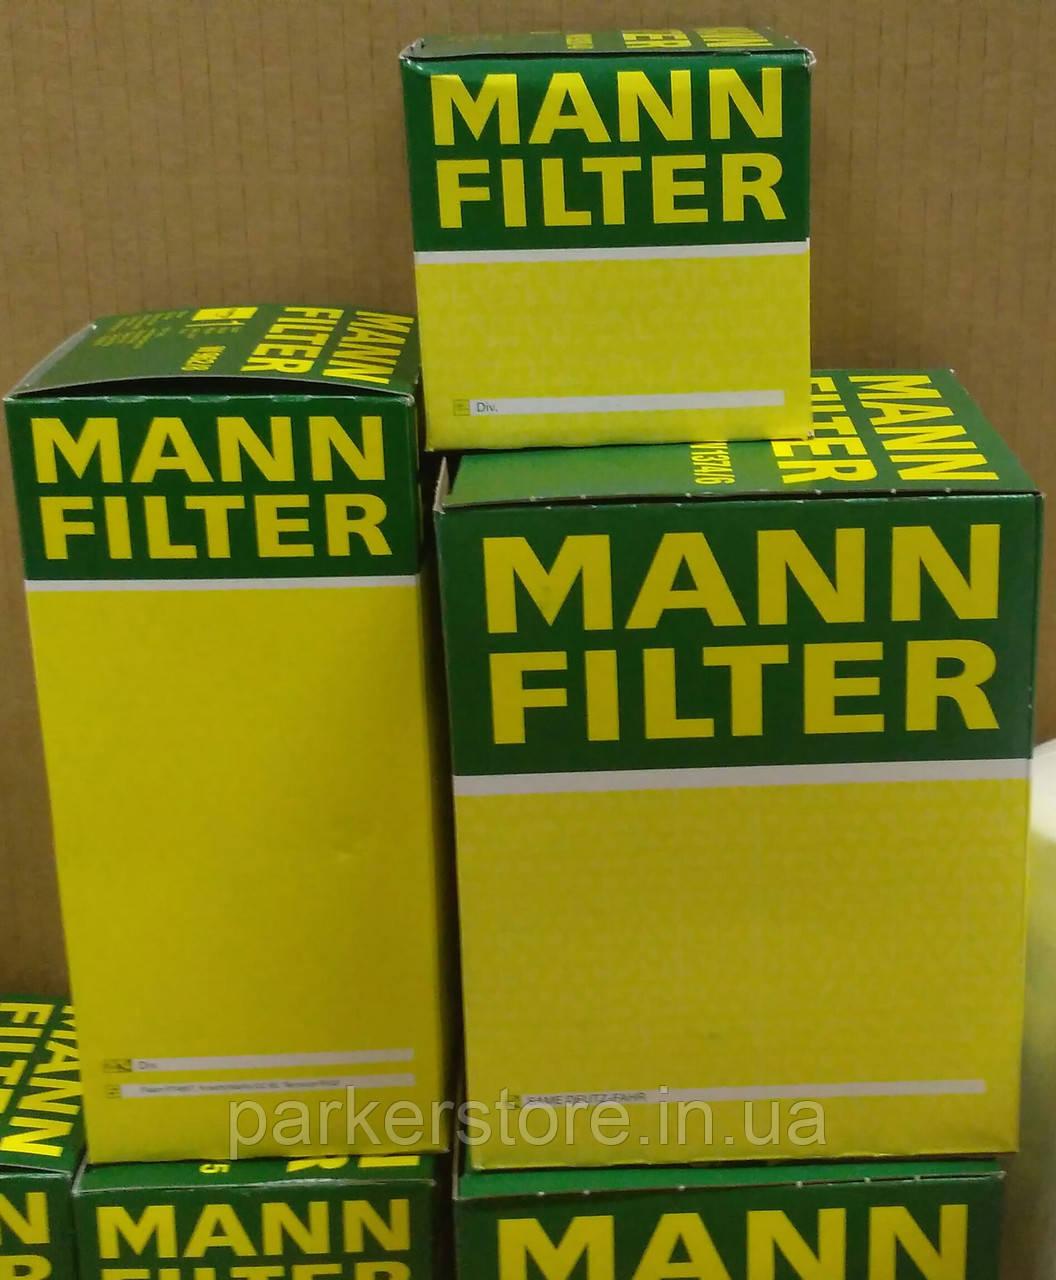 MANN FILTER / Воздушный фильтр / C 25 654 / C25654